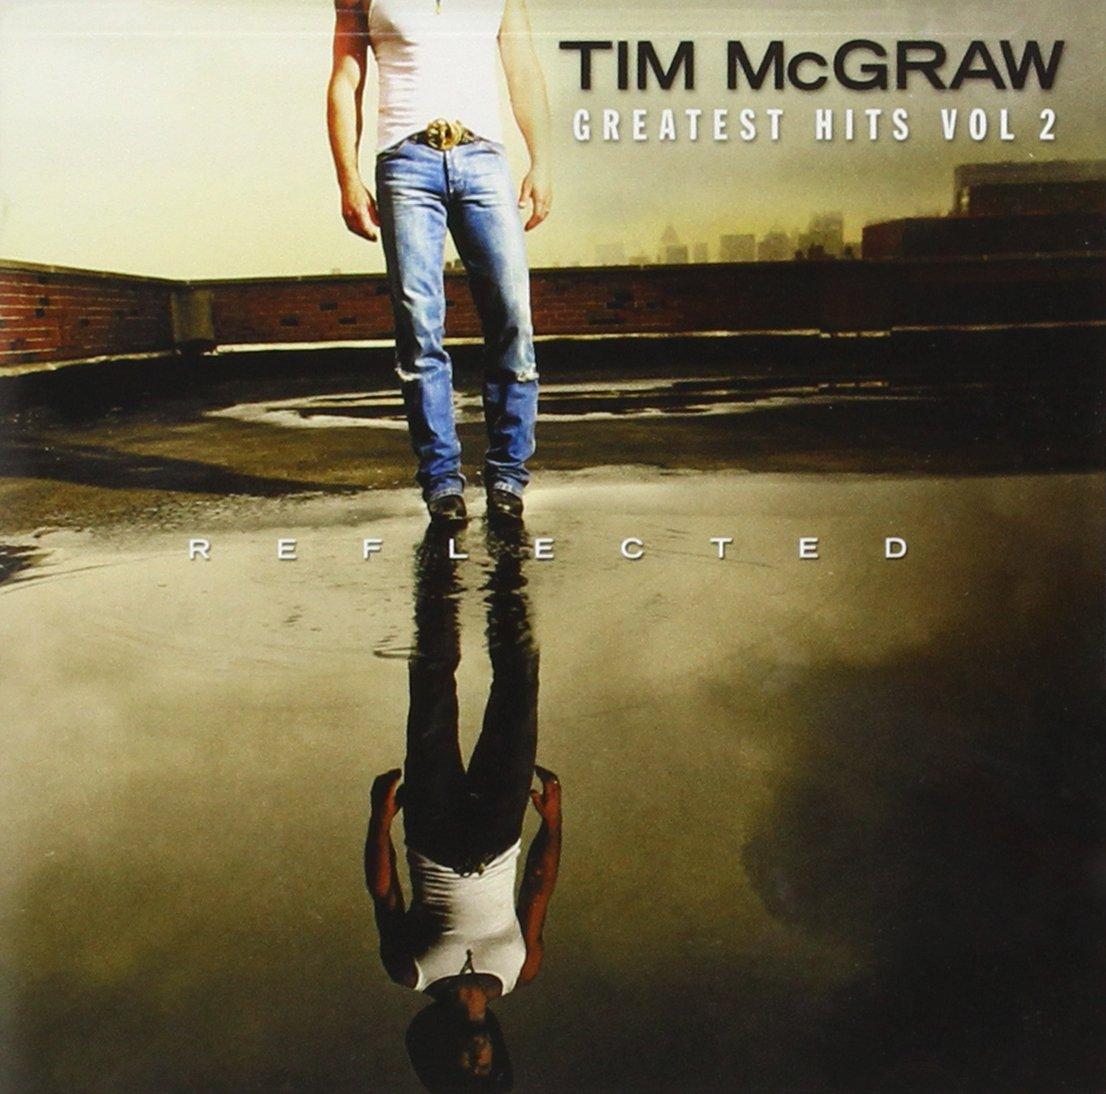 Tim mcgraw tim mcgraw greatest hits vol 2 amazon music hexwebz Gallery